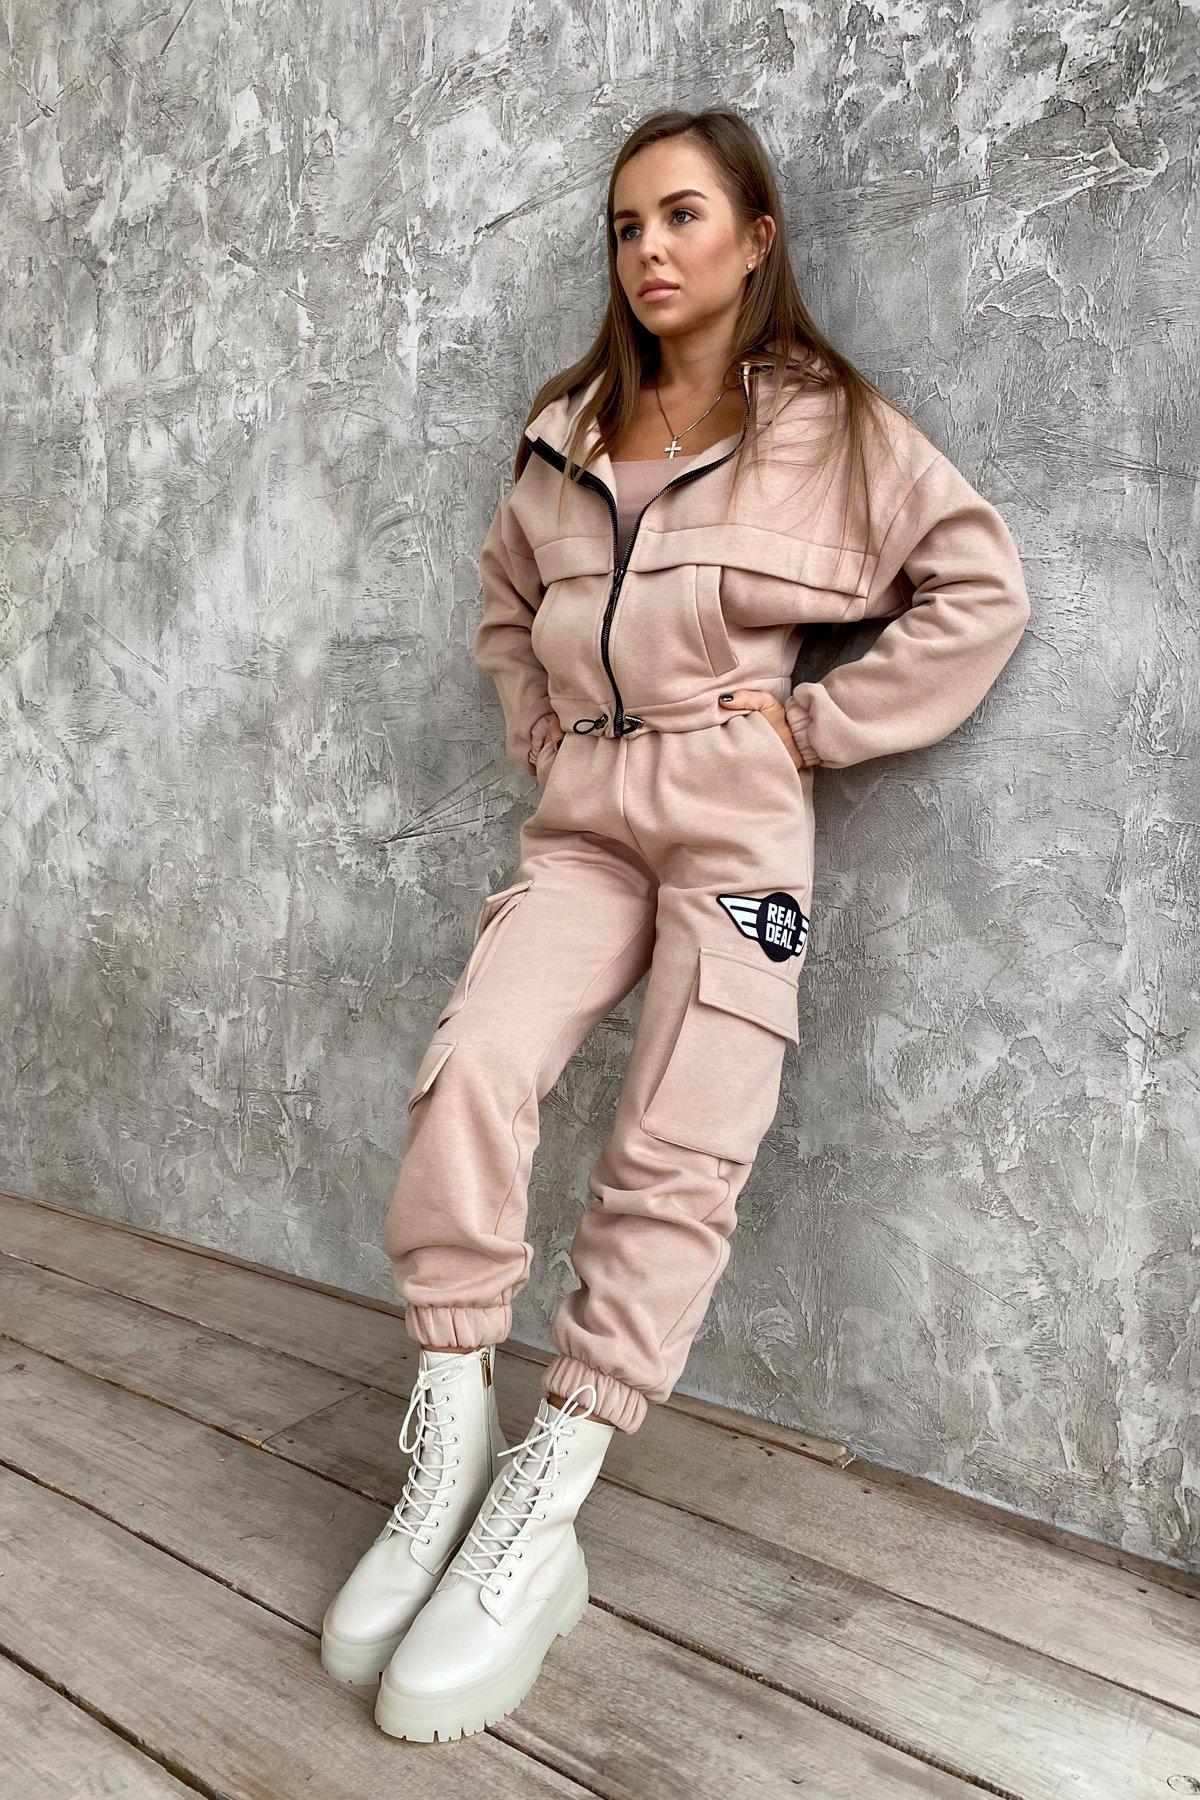 Кьюи  прогулочный костю 3х нитка с начесом 9933 АРТ. 46257 Цвет: Бежевый - фото 6, интернет магазин tm-modus.ru